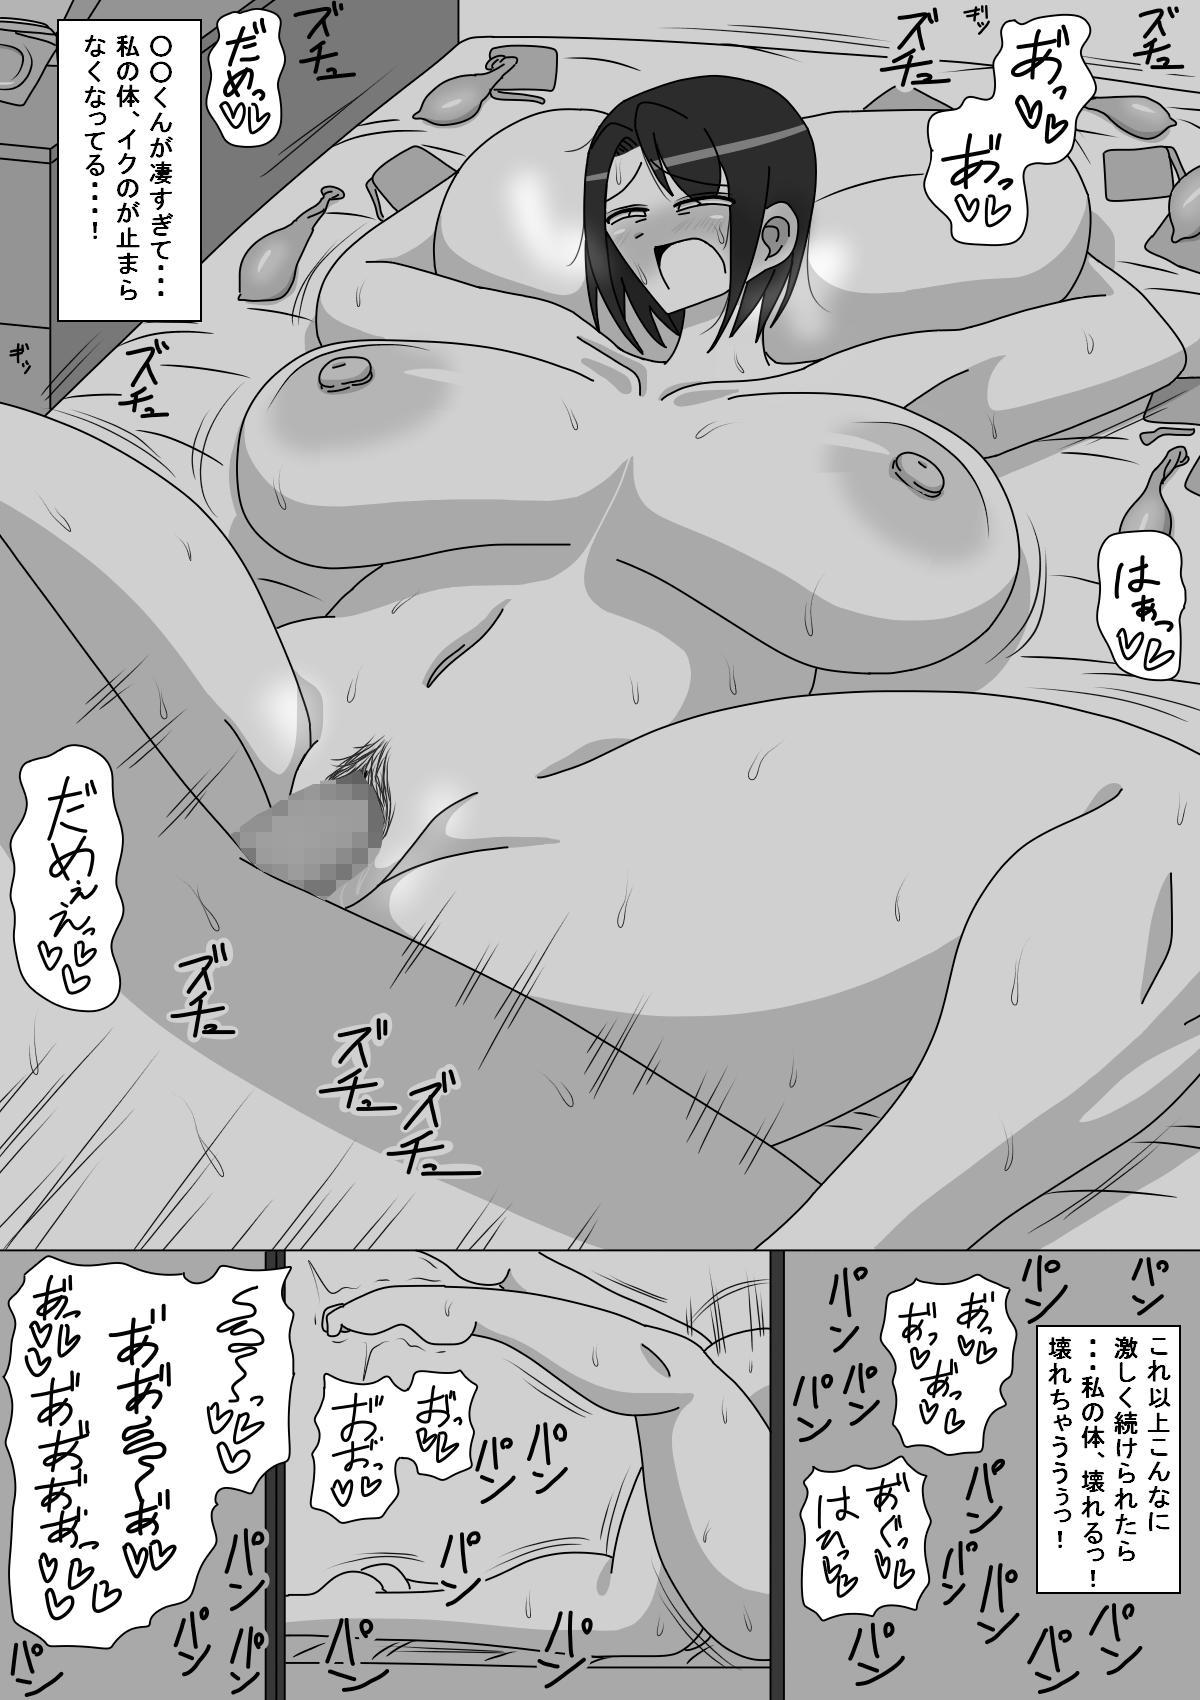 Kanae-san 13